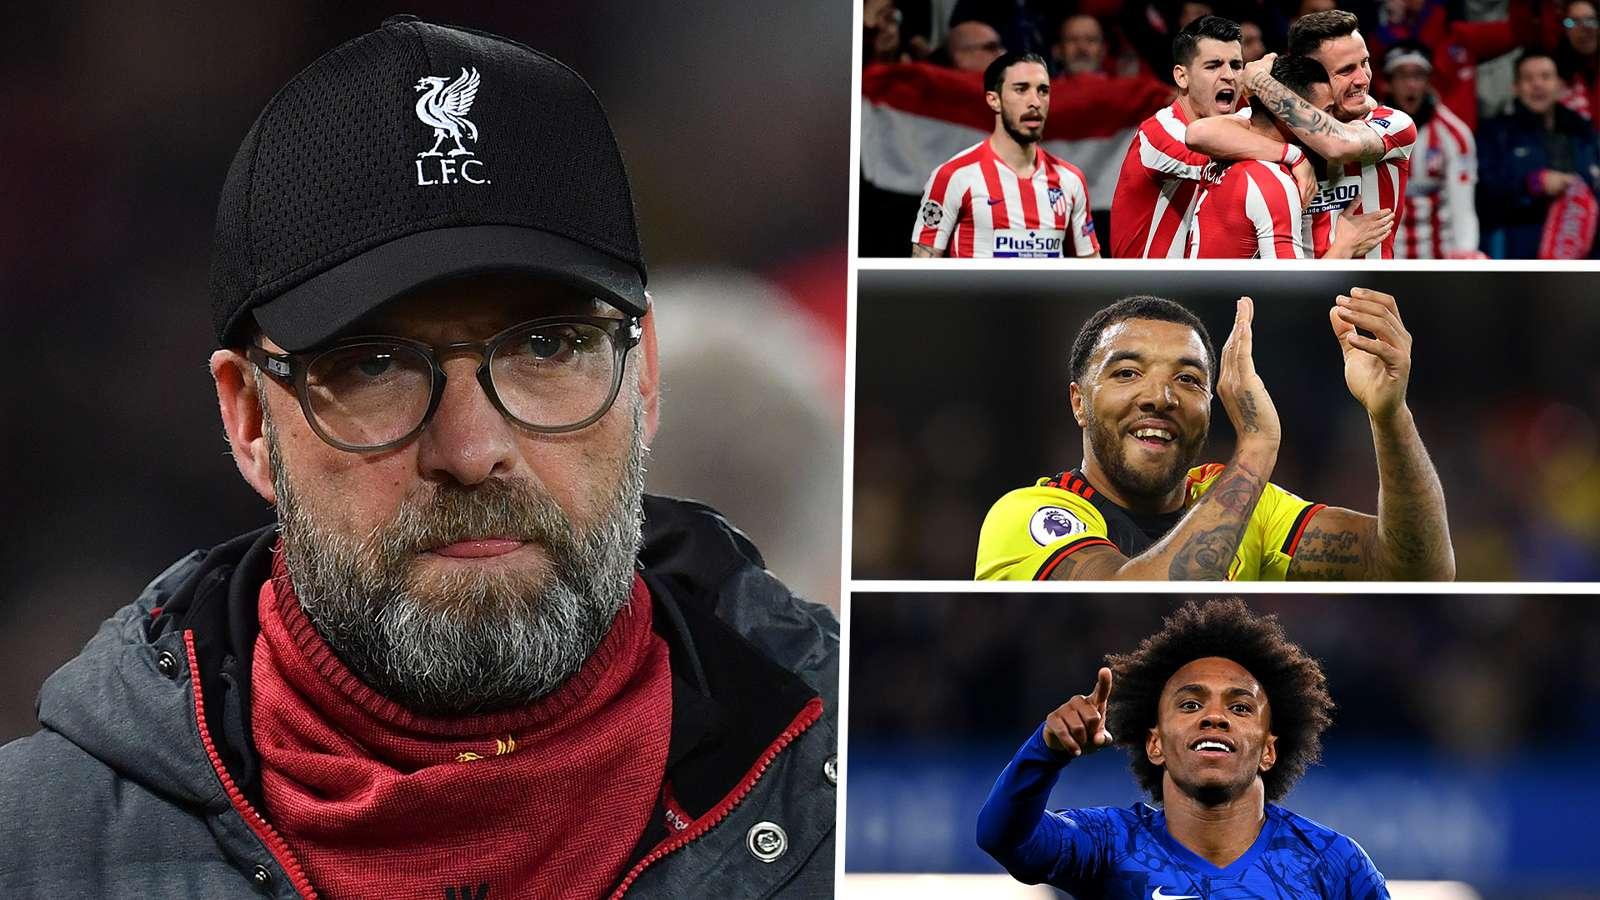 Tiga Kekalahan Dari Empat Pertandingan Terakhiir, Liverpool Tidak Usah Cemas